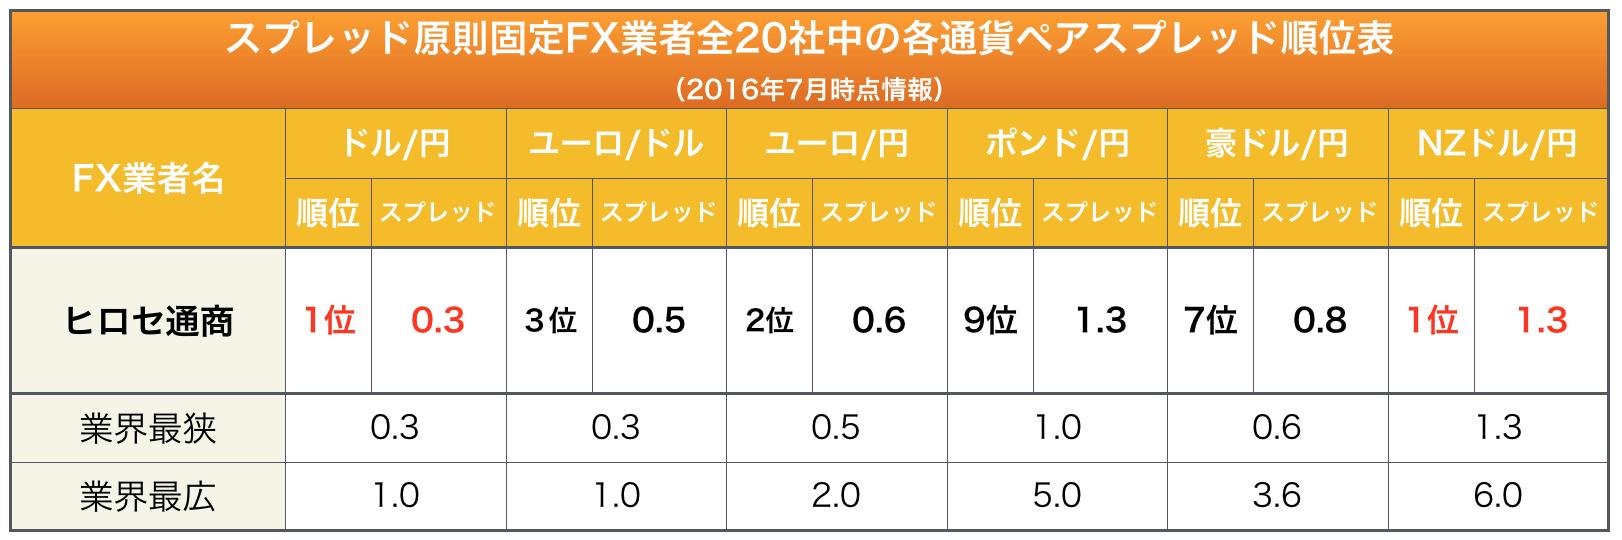 スクリーンショット 2016-07-06 0.58.21